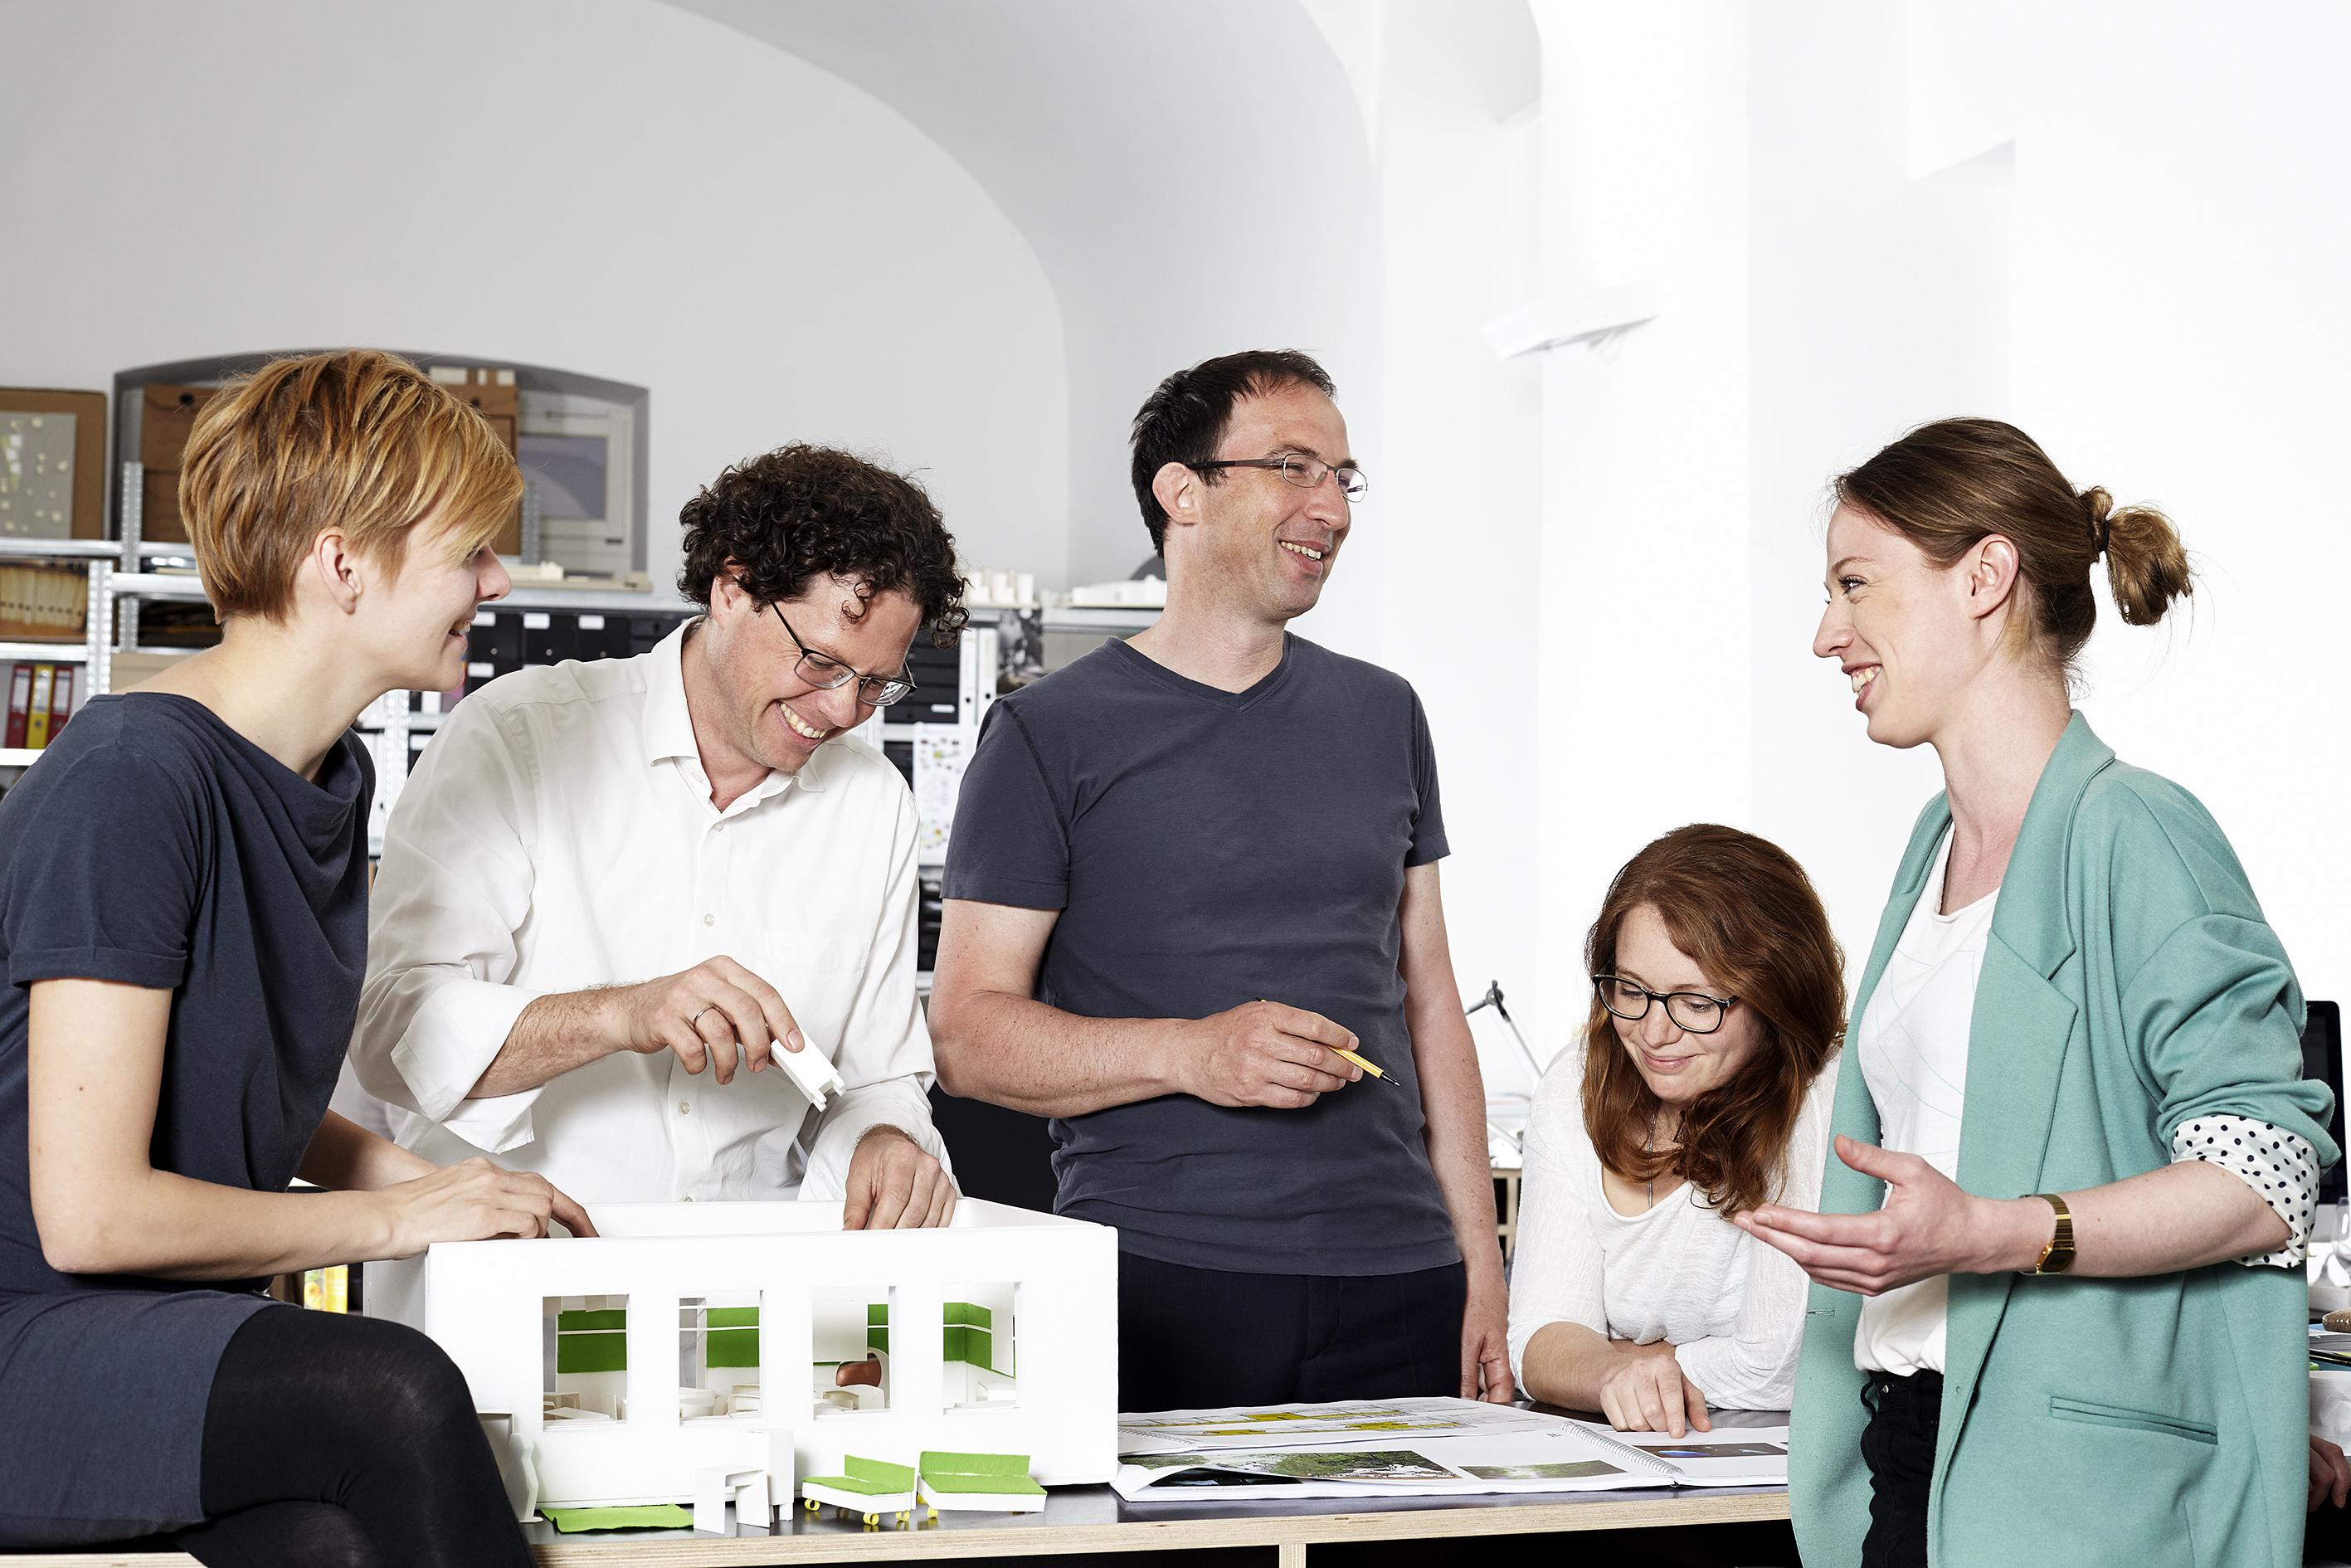 Neues für Stadt und Land: Das nonconform-Team bei der Arbeit.